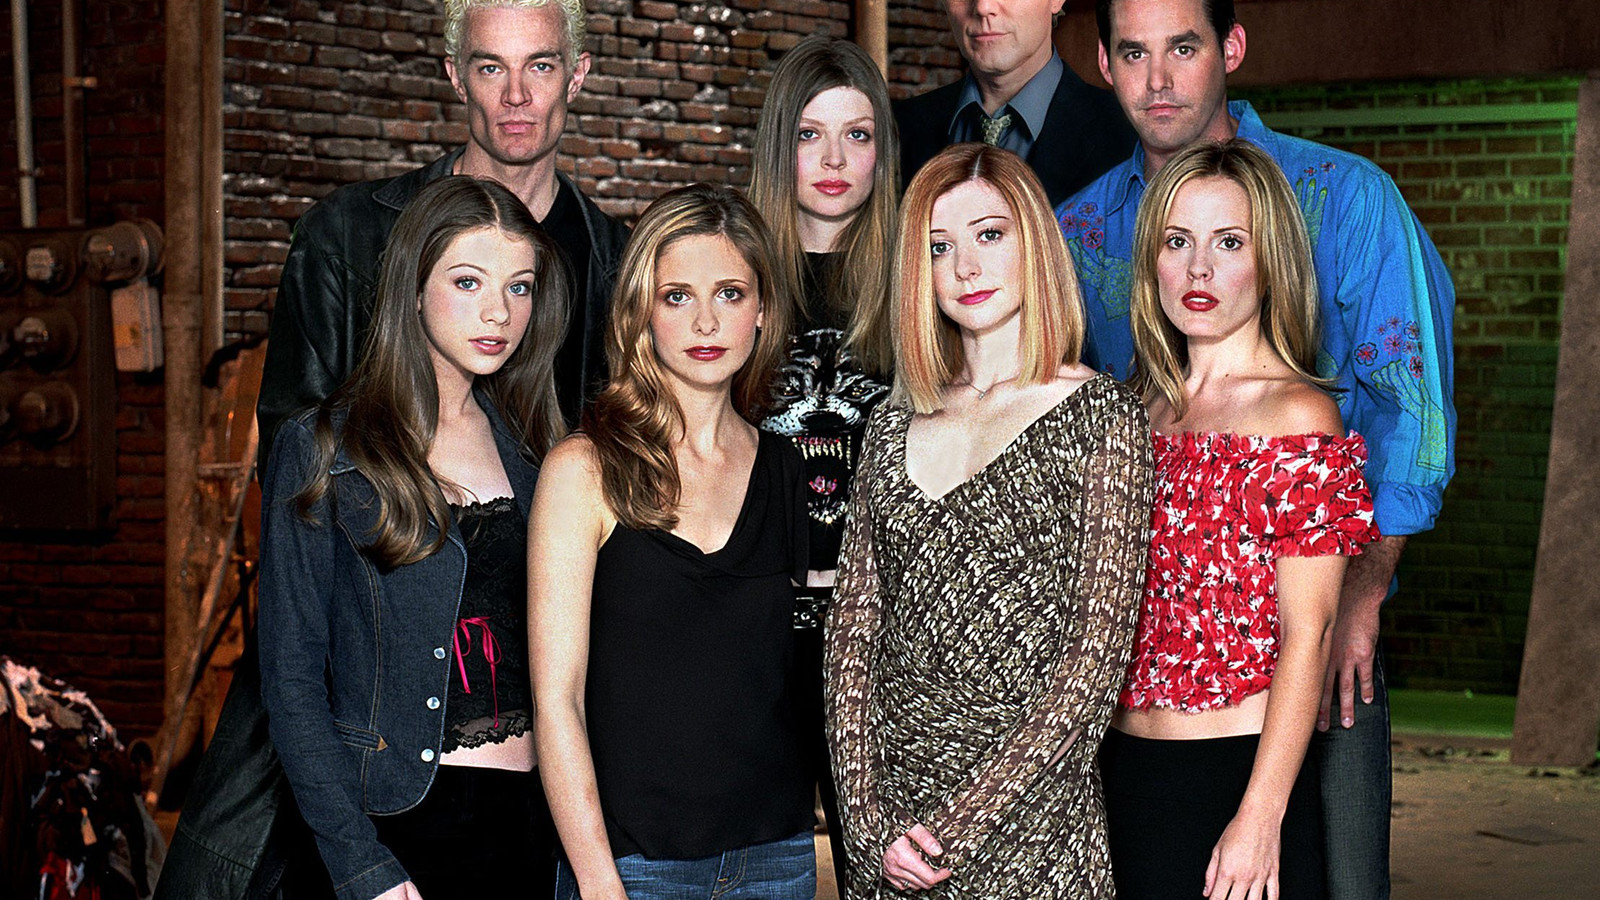 De cast van 'Buffy The Vampire Slayer'. Michelle Trachtenberg staat links onderaan, naast Sarah Michelle Gellar. Anthony Head staat helemaal achteraan.